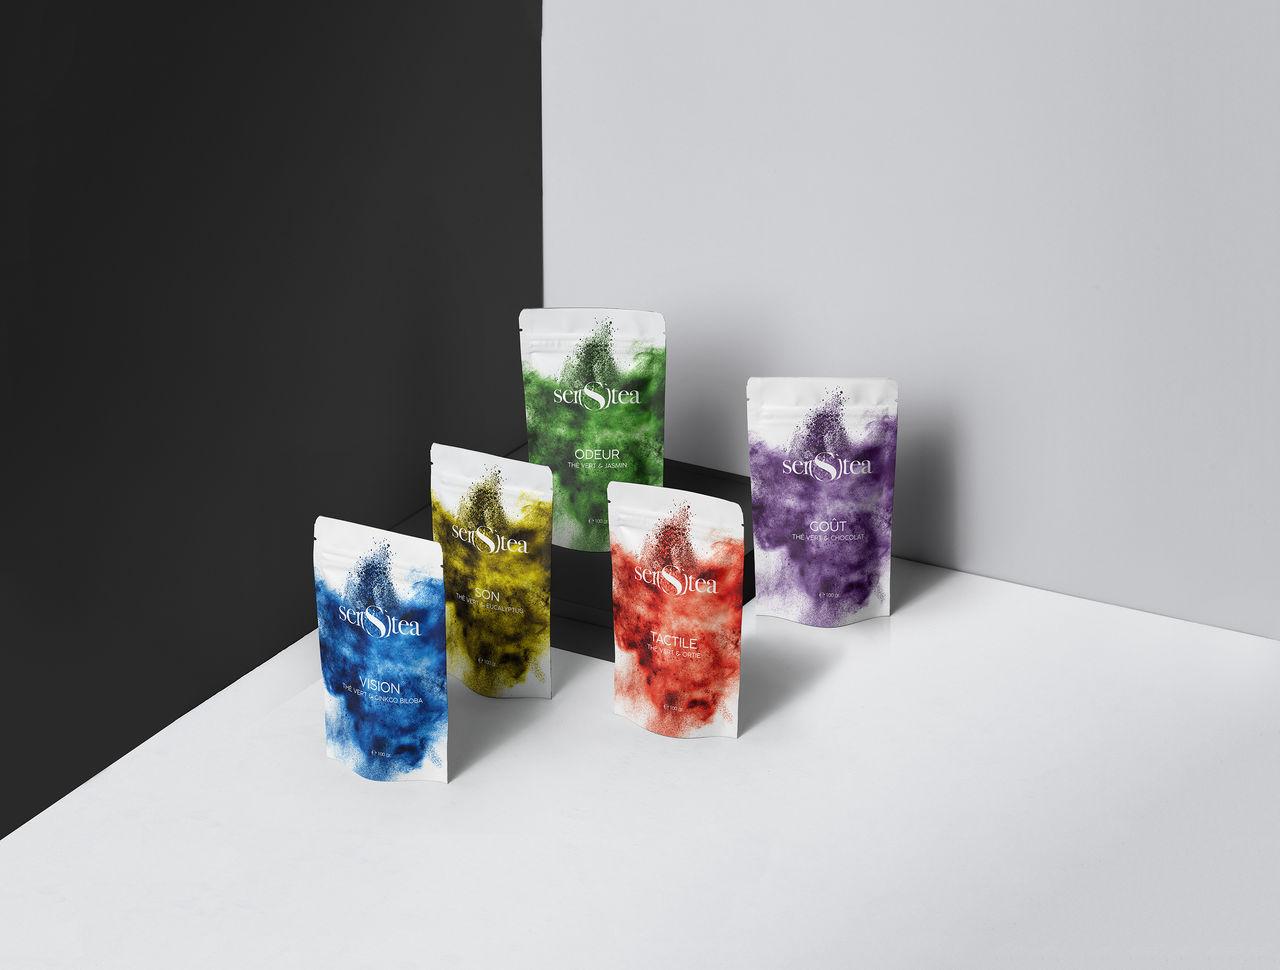 Sensitea - Packaging